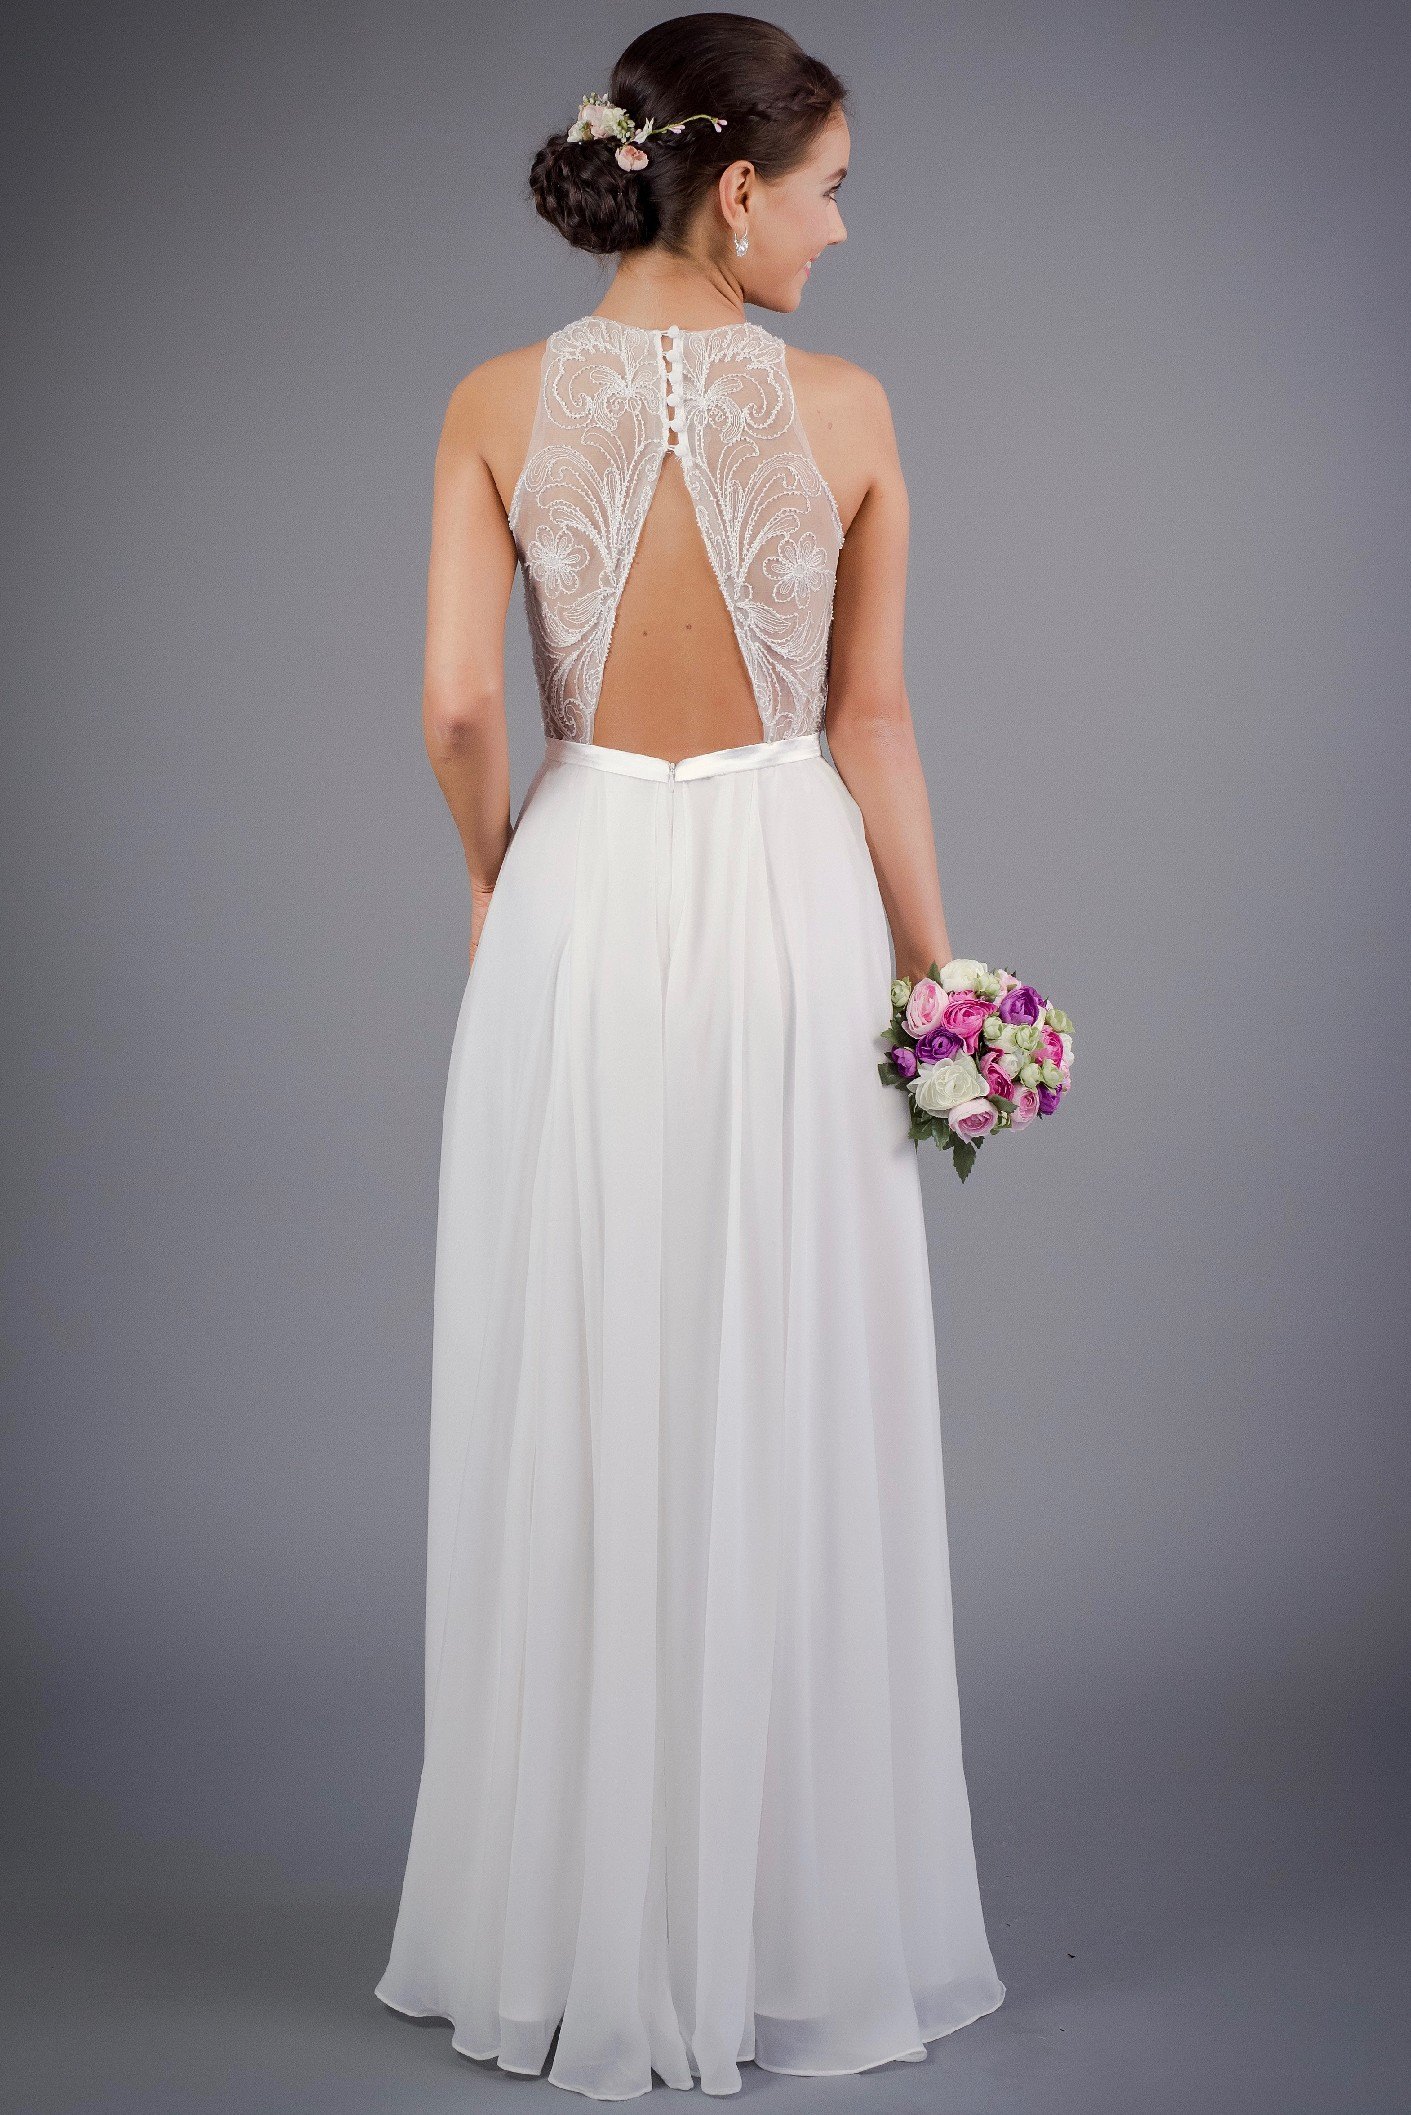 Splývavé svatební šaty s odhalenými zády jako na obrázku, 38